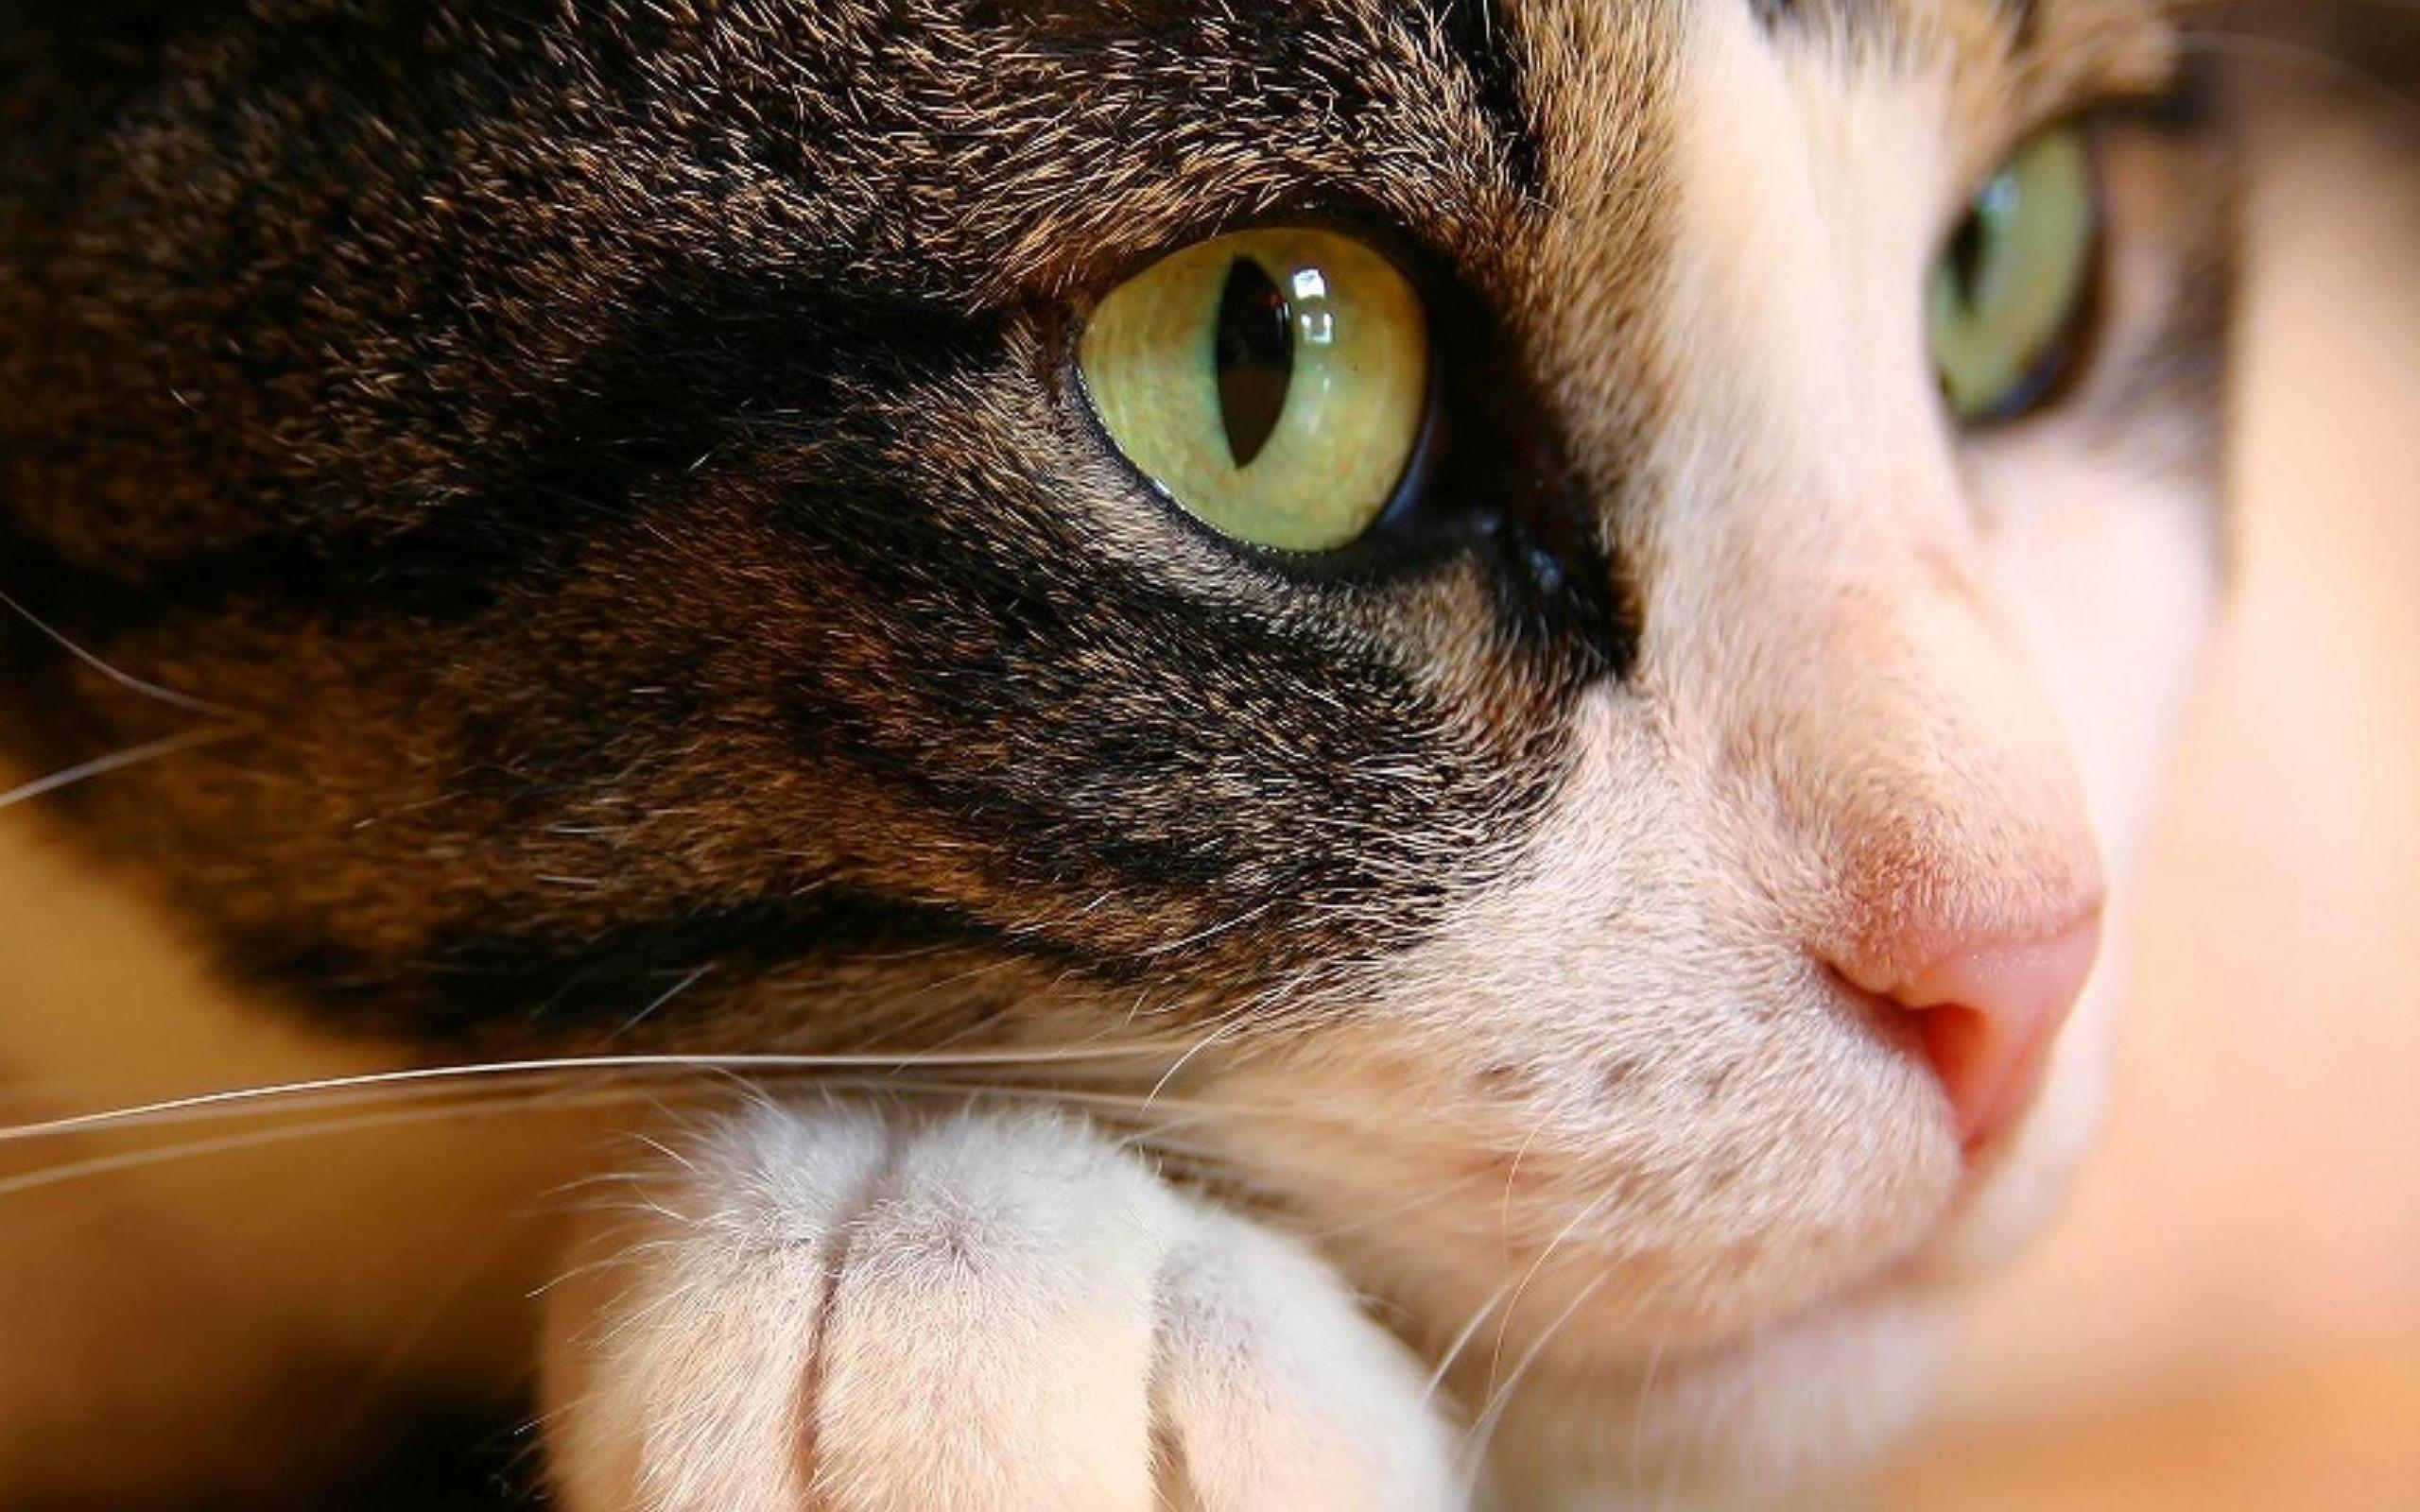 El rostro de un gato - 2560x1600